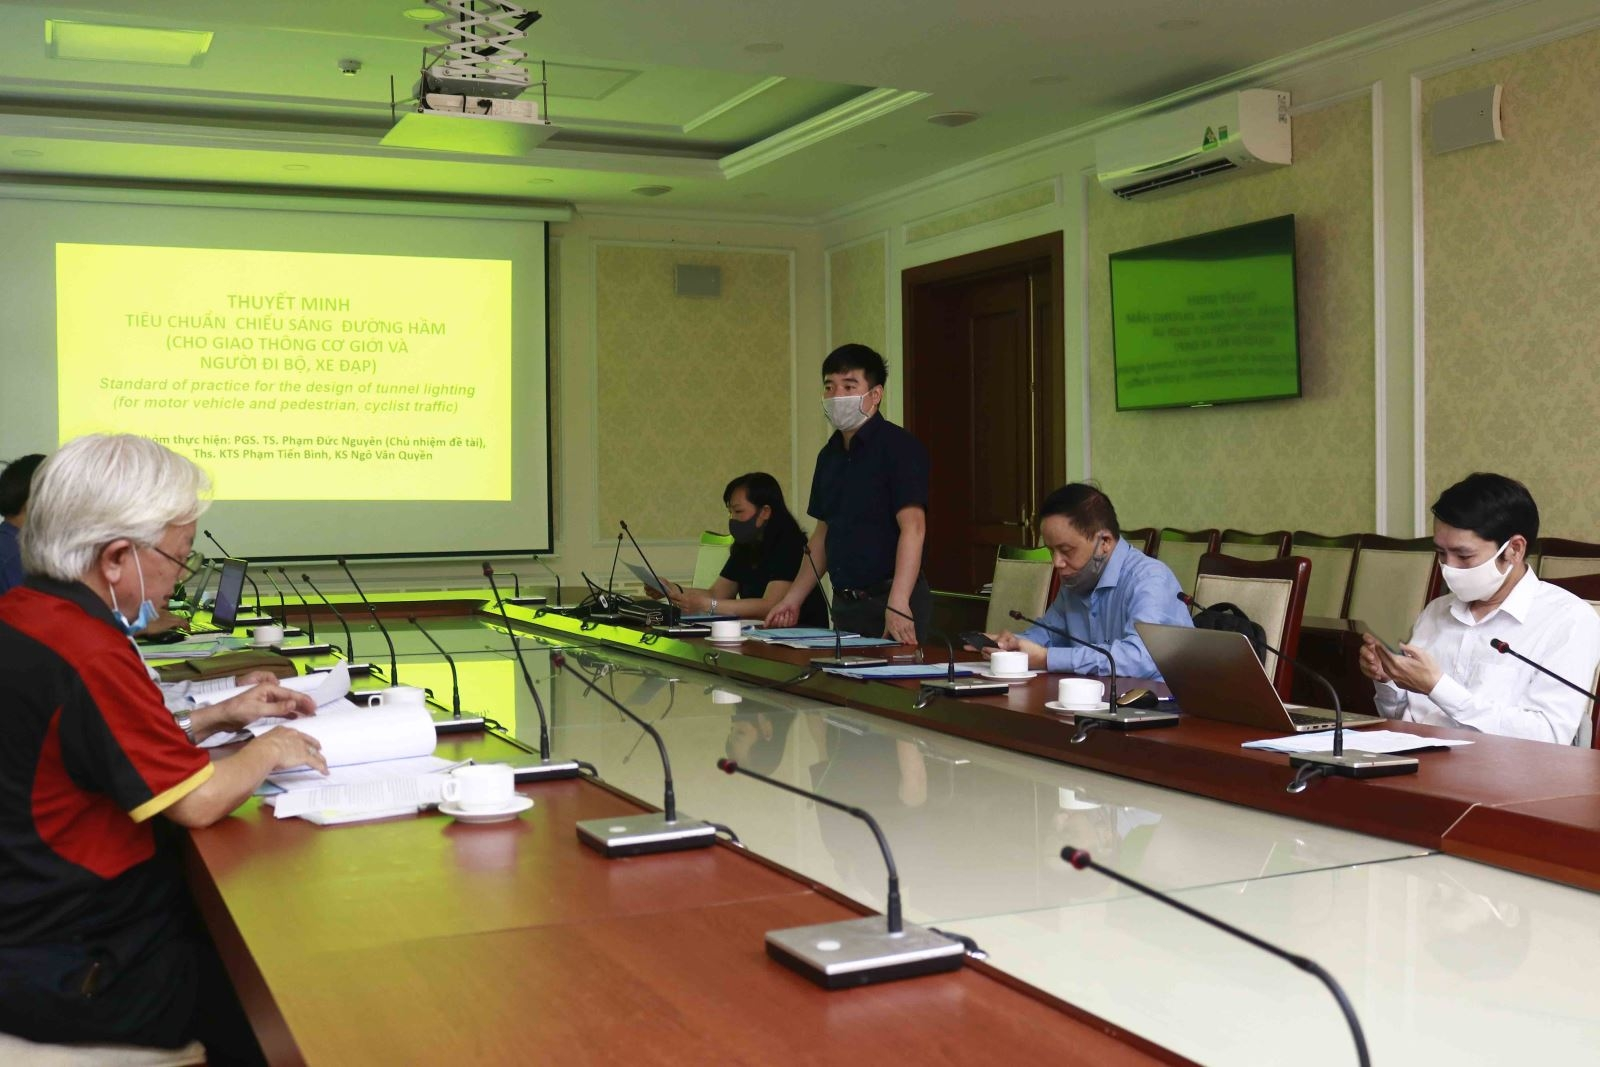 Nghiệm thu các dự thảo TCVN do Hiệp hội Môi trường xây dựng Việt Nam thực hiện